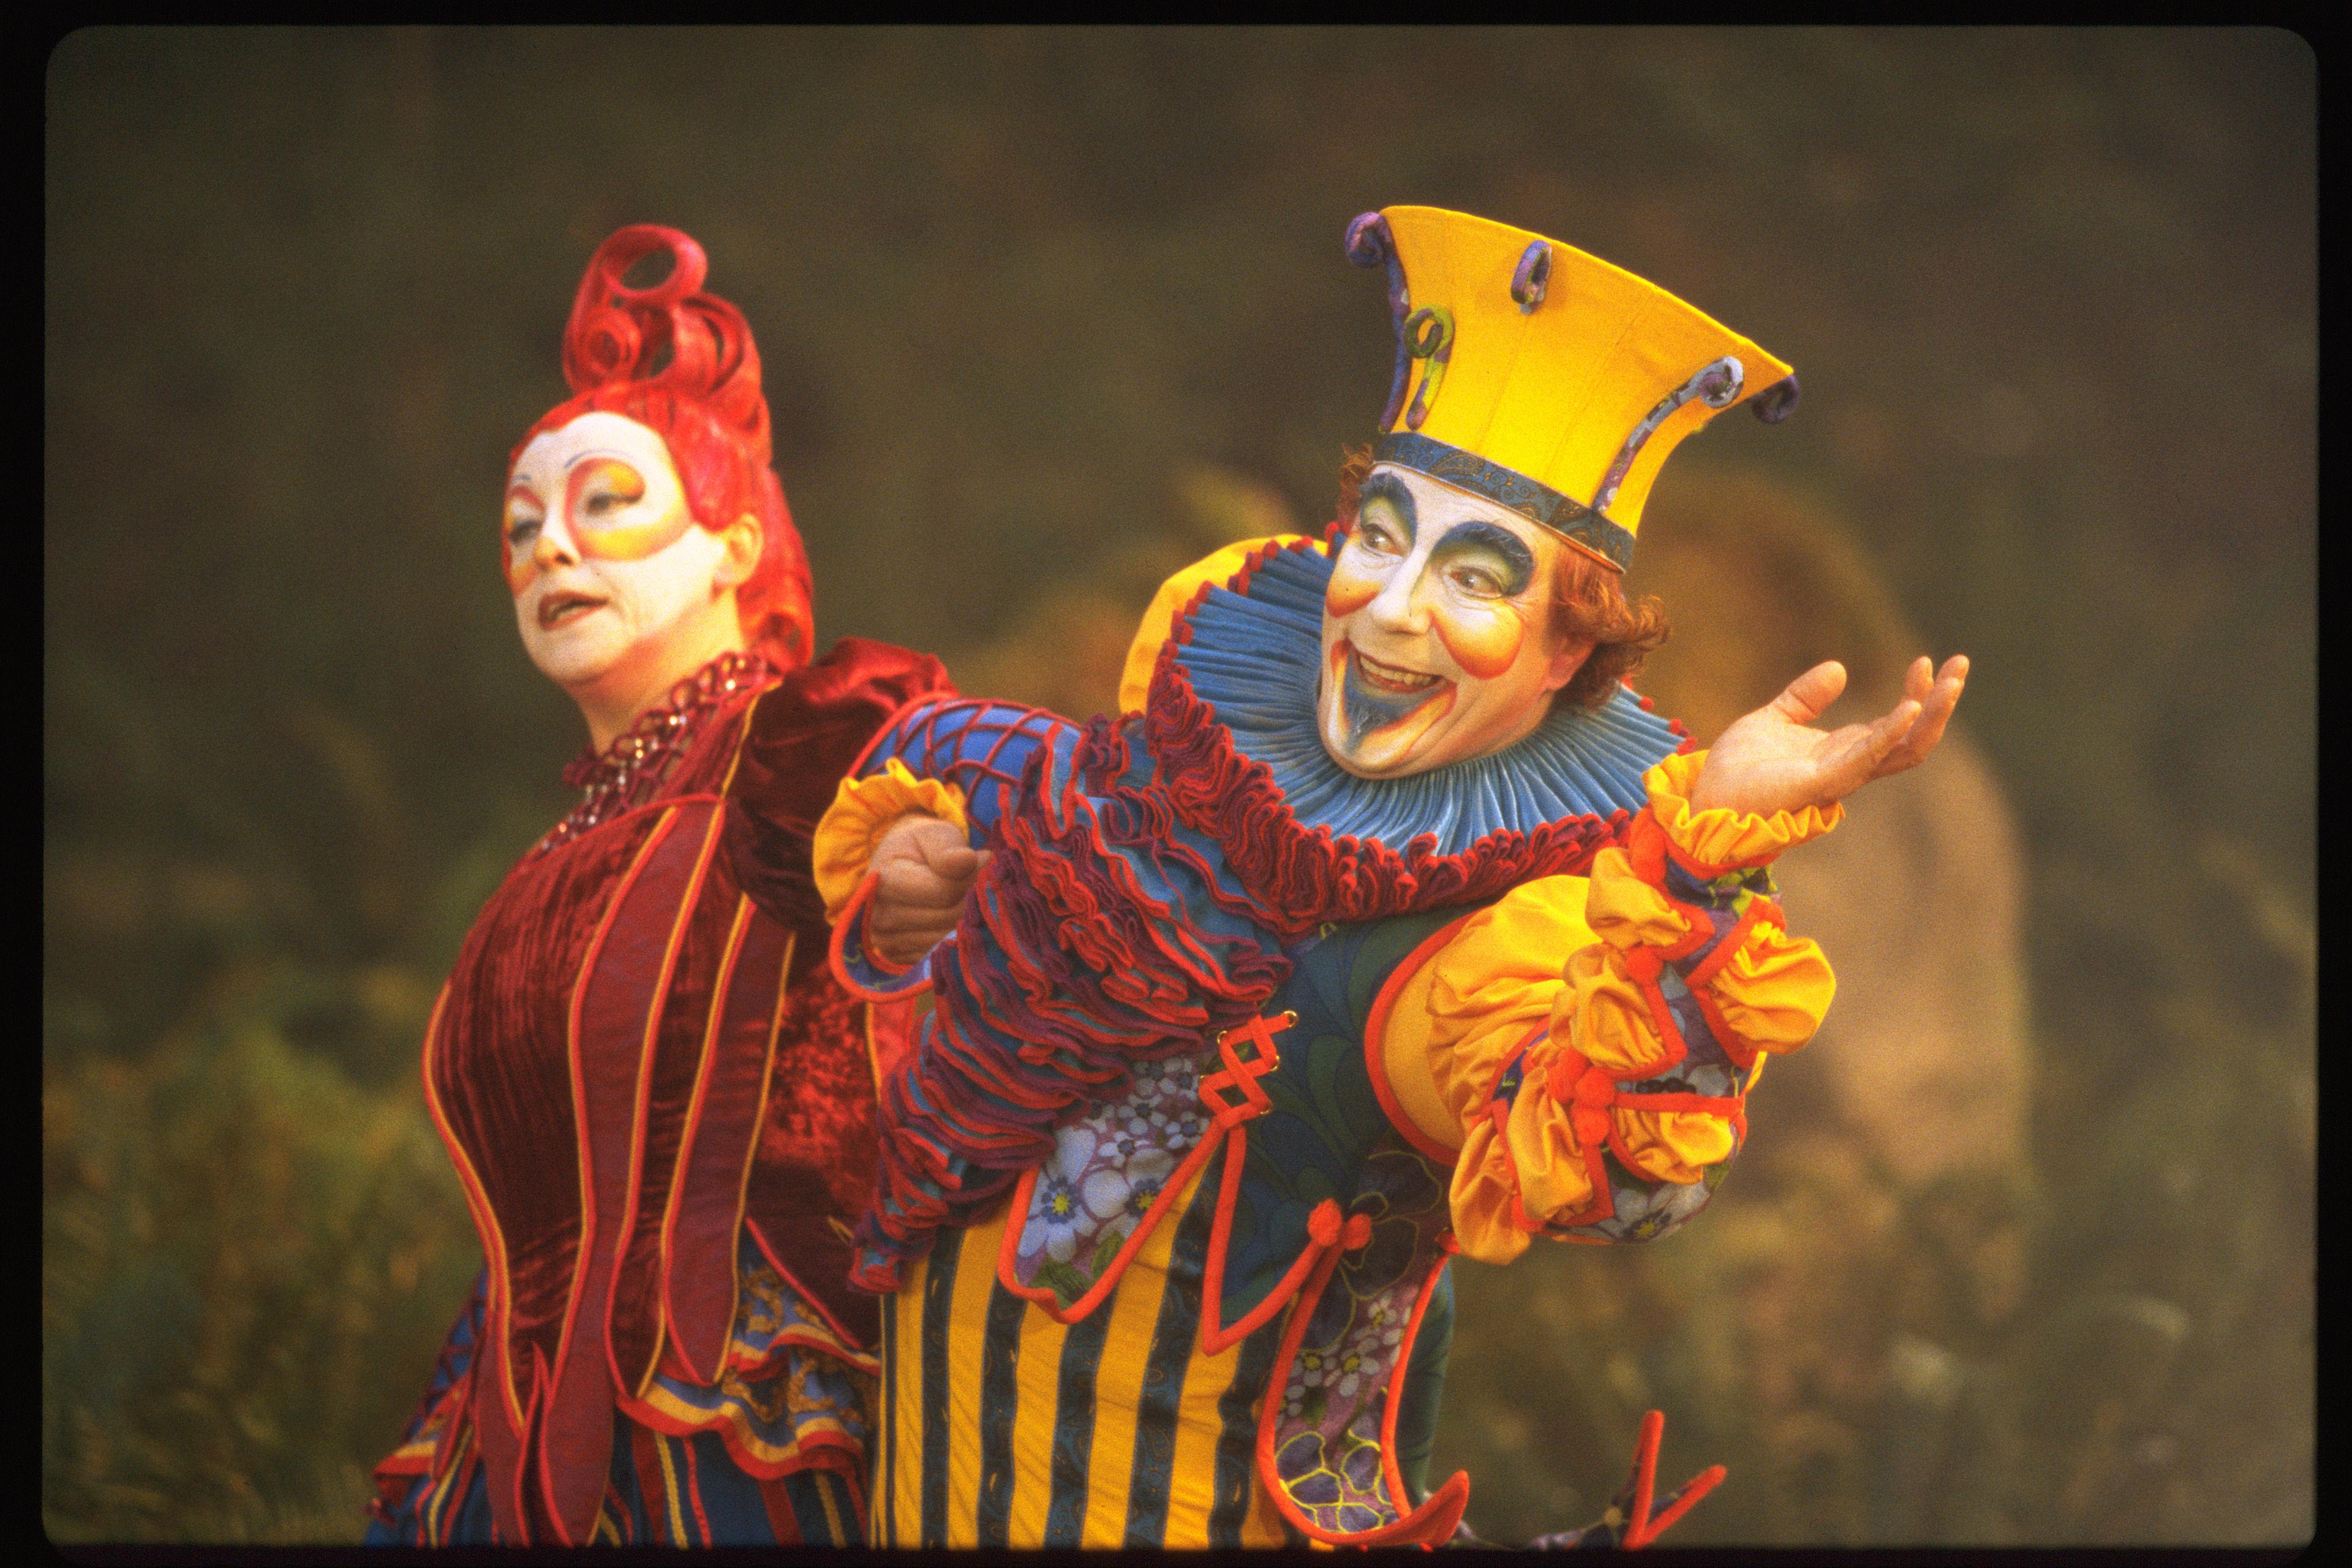 Cirque du Soleil net worth